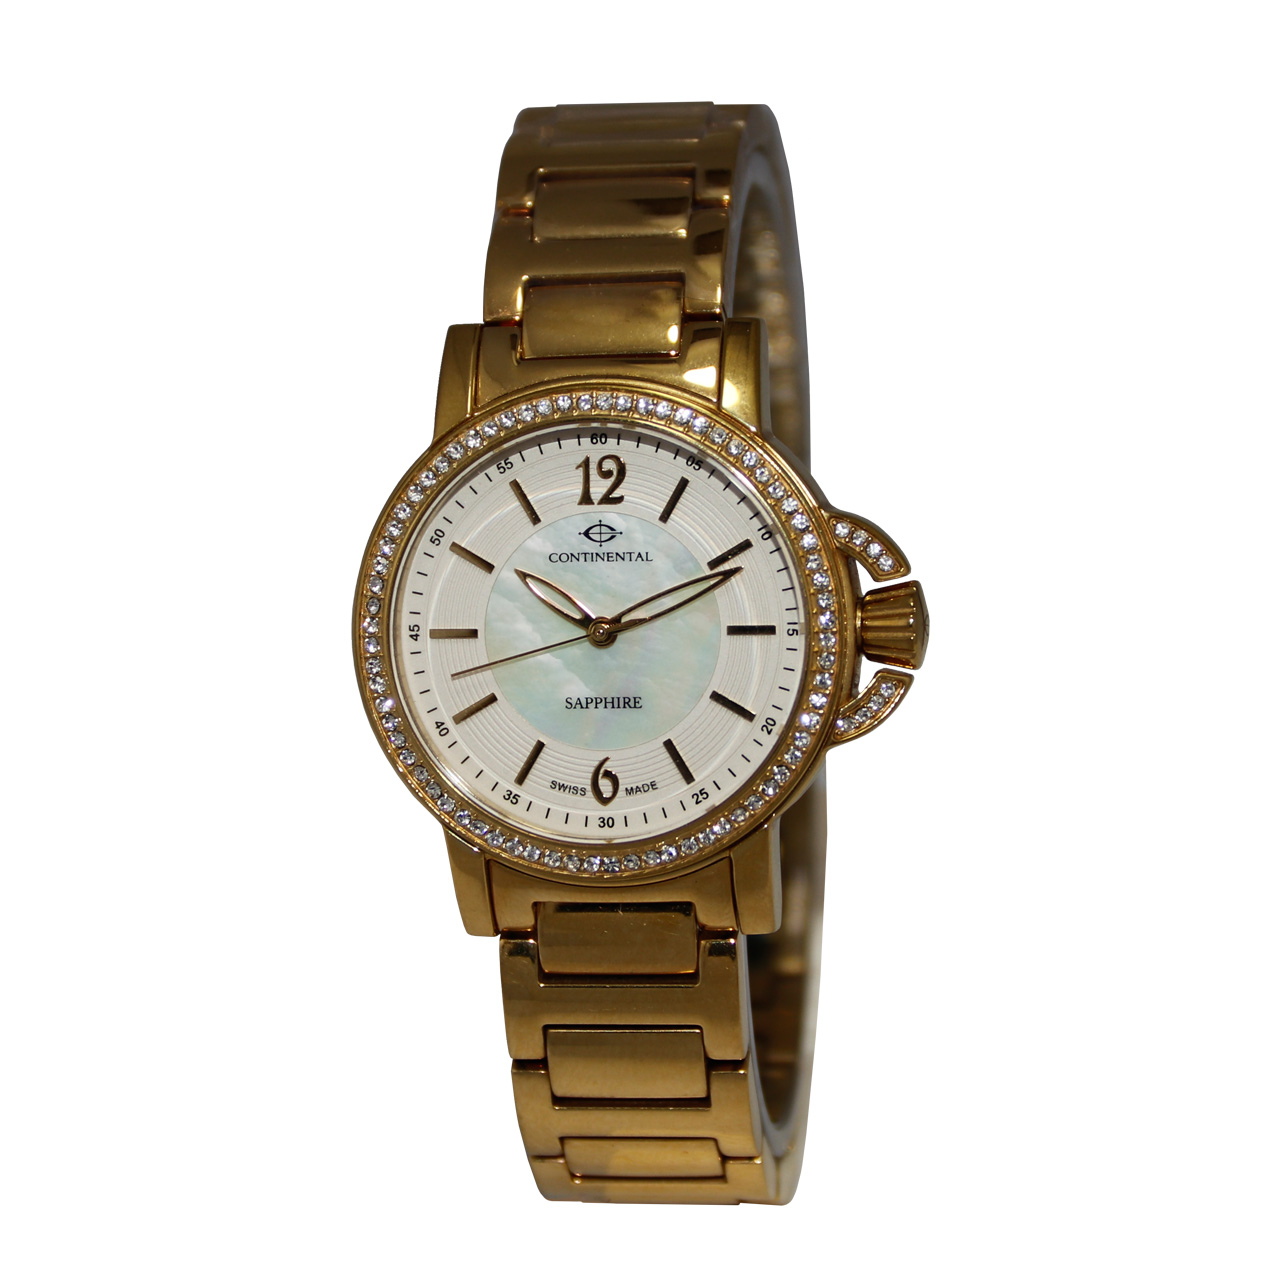 ساعت مچی عقربه ای زنانه کنتیننتال مدل 12260-235D 20